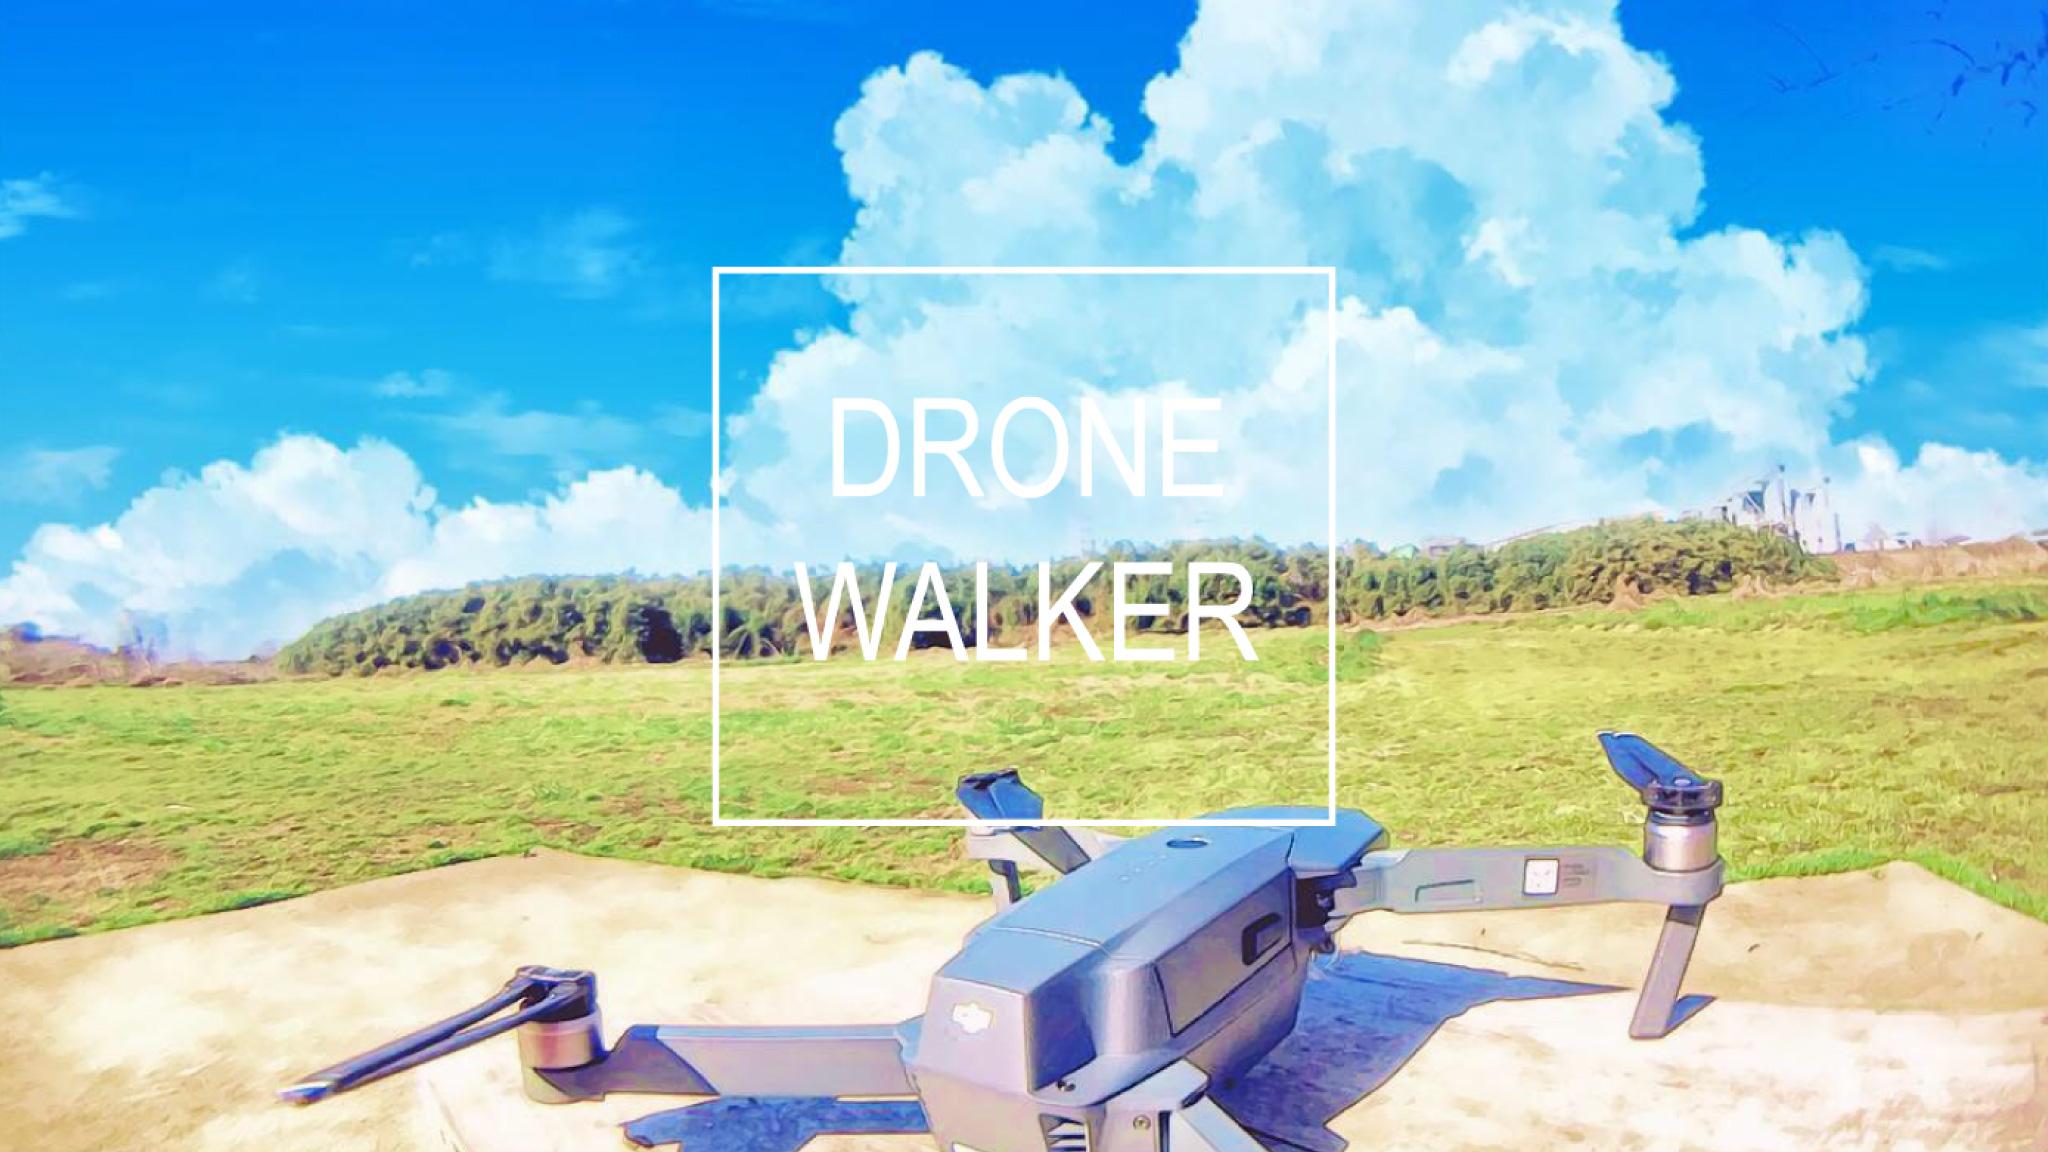 DRONE WALKER|今ではドローンを飛ばすことが本業です。